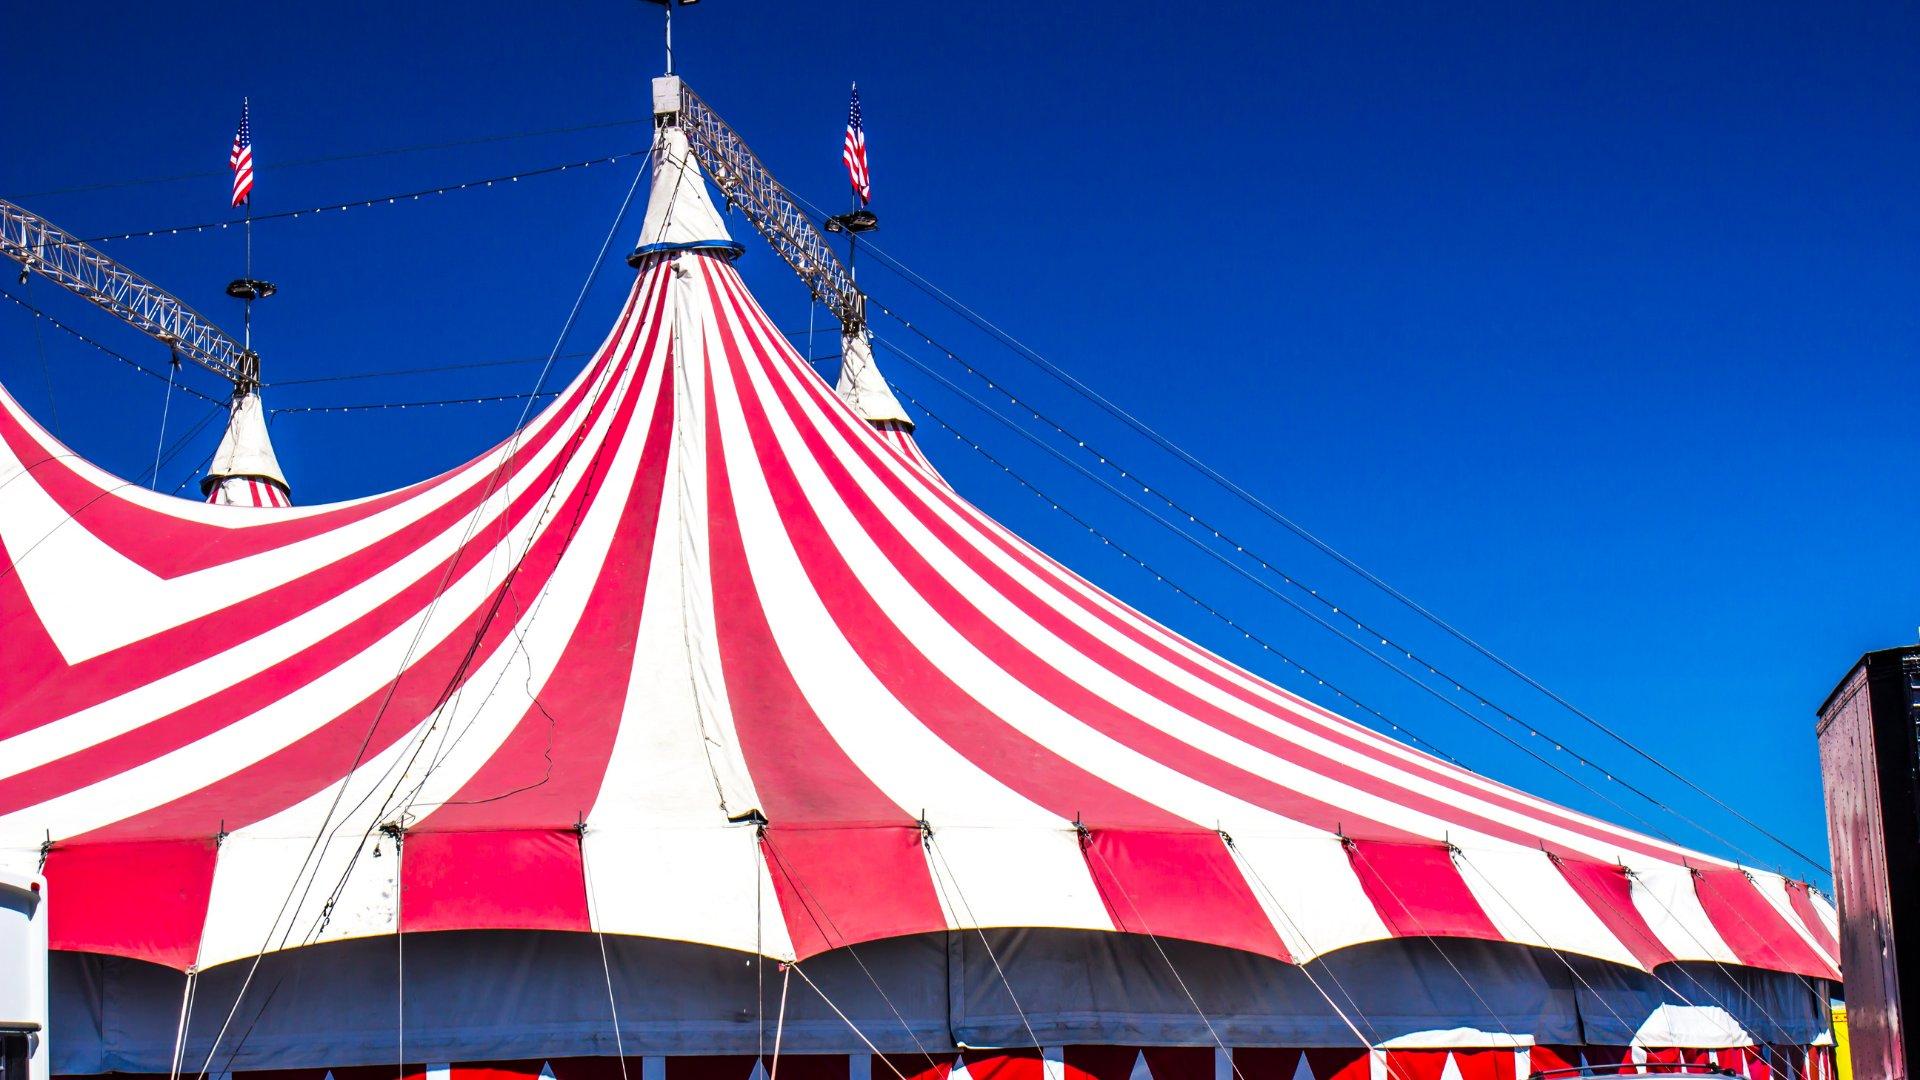 Foto da tenda de circo